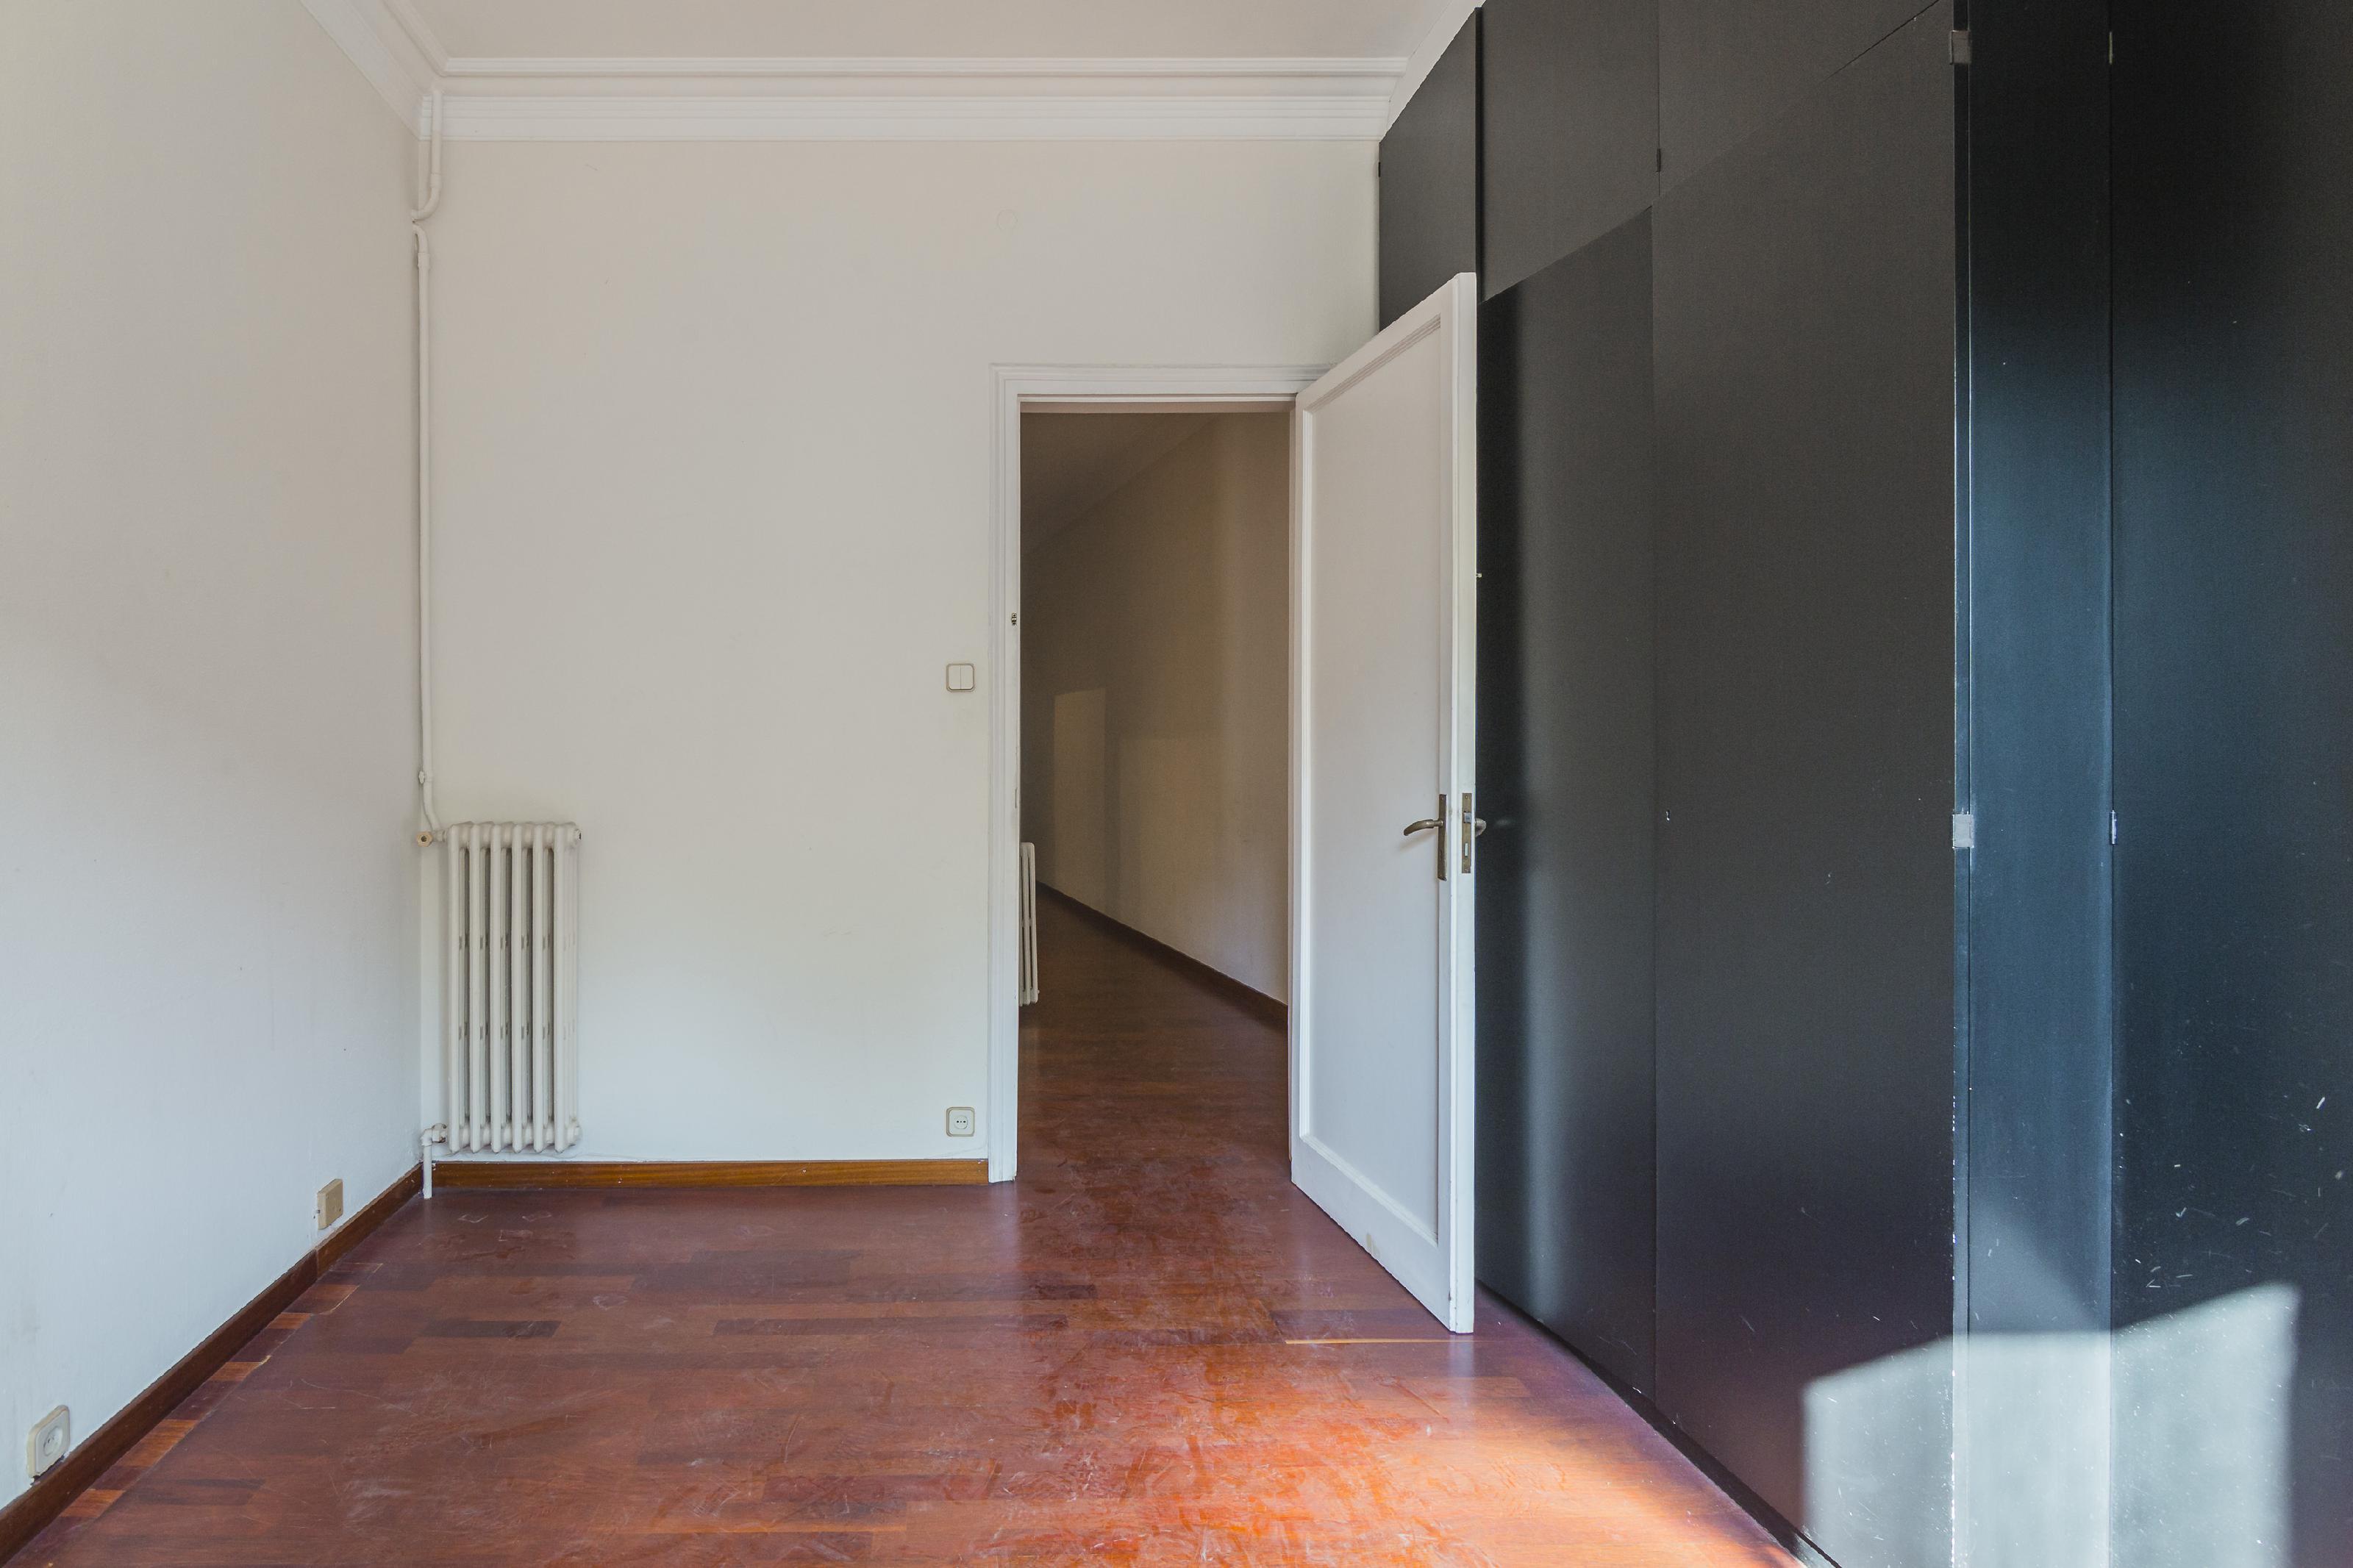 246347 Flat for sale in Sarrià-Sant Gervasi, St. Gervasi-Bonanova 17